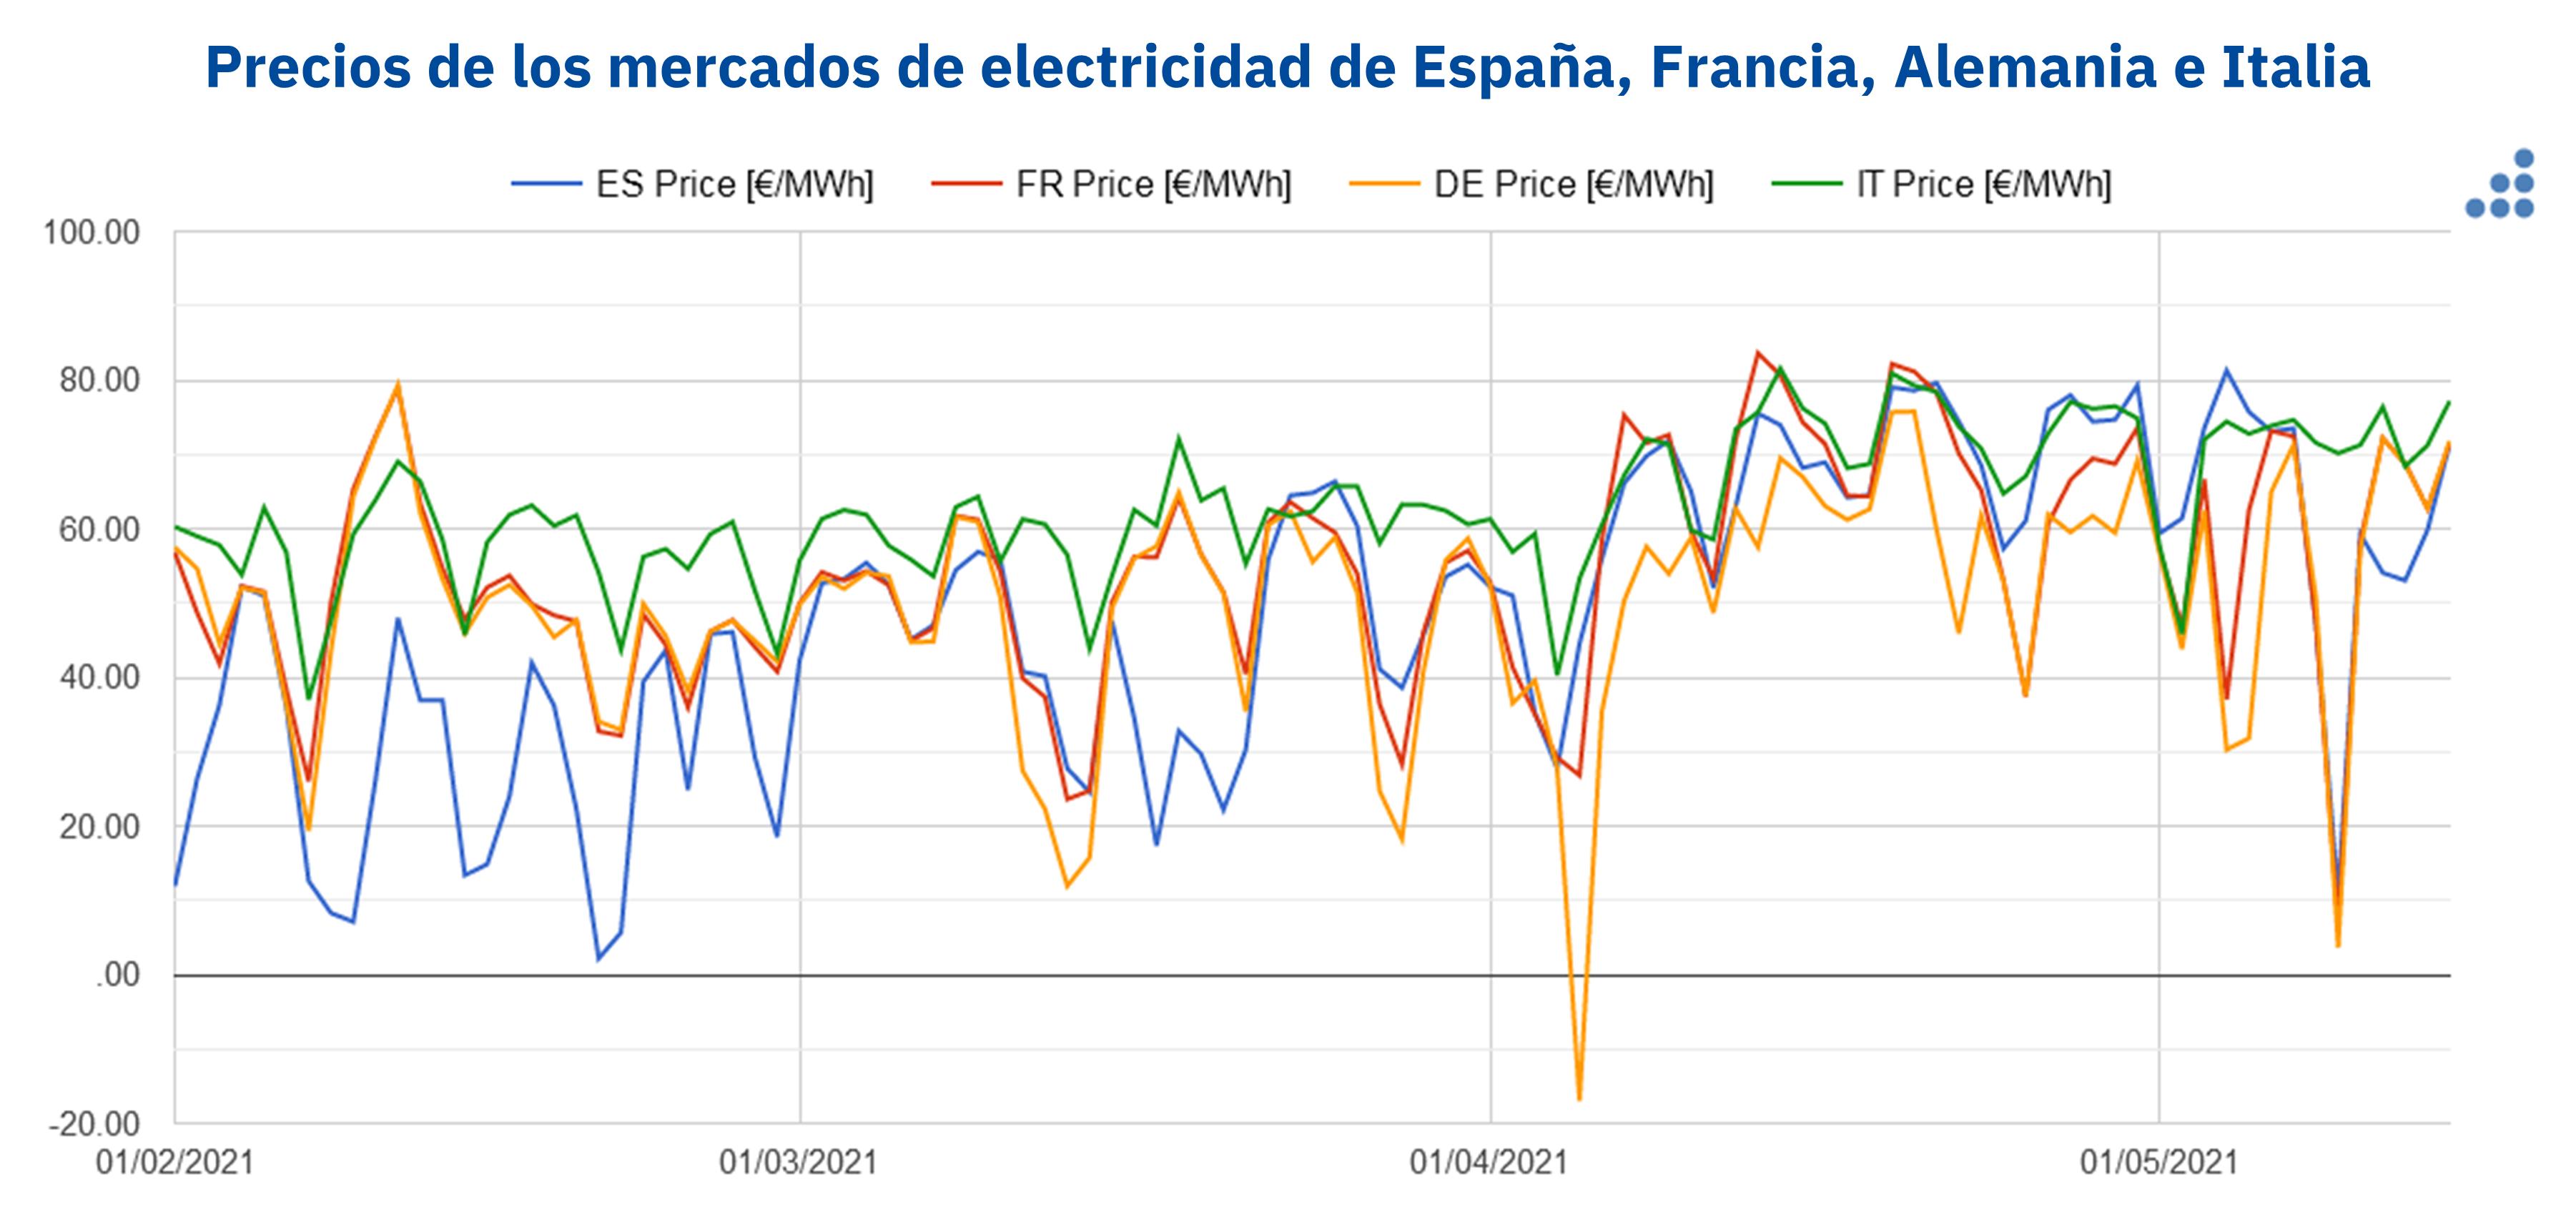 AleaSoft - Precios spot electricidad Espanna Francia Alemania Italia